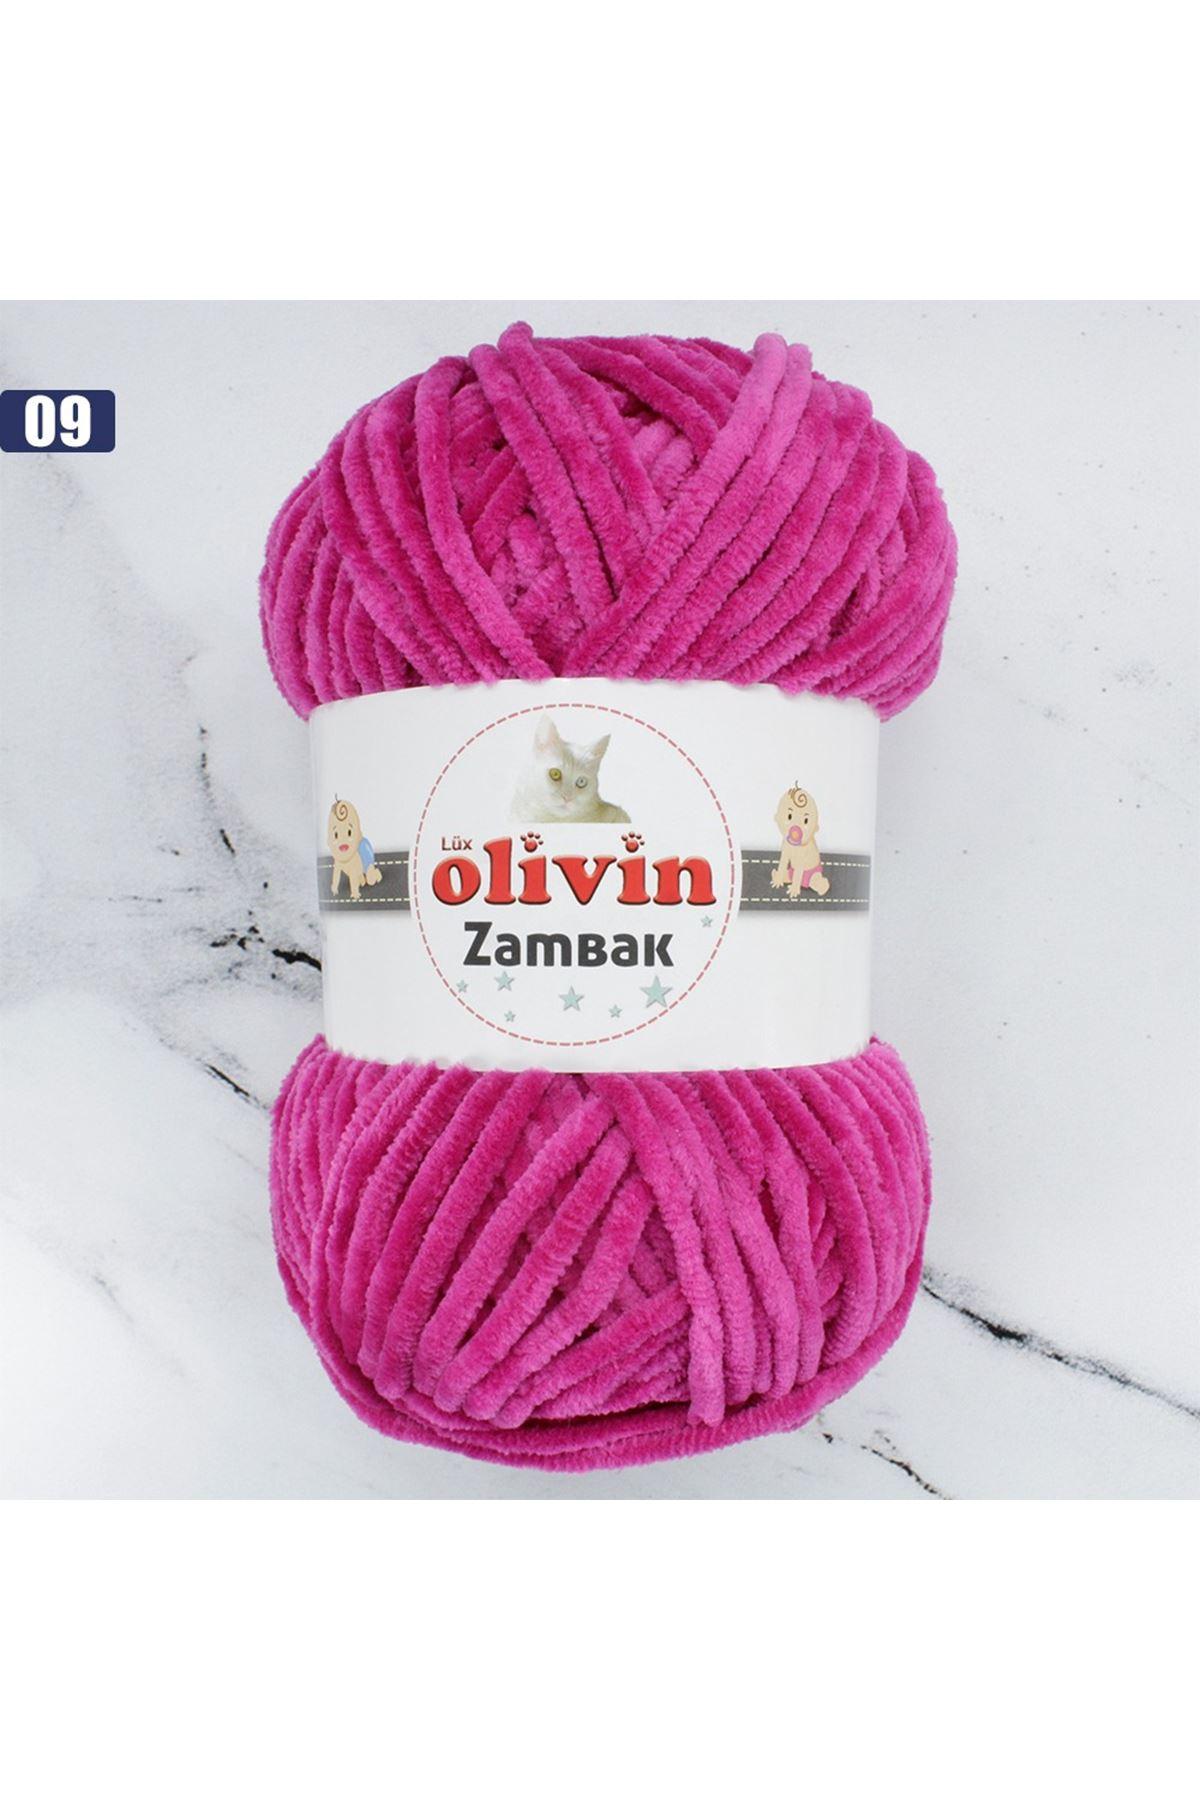 Olivin Zambak 09